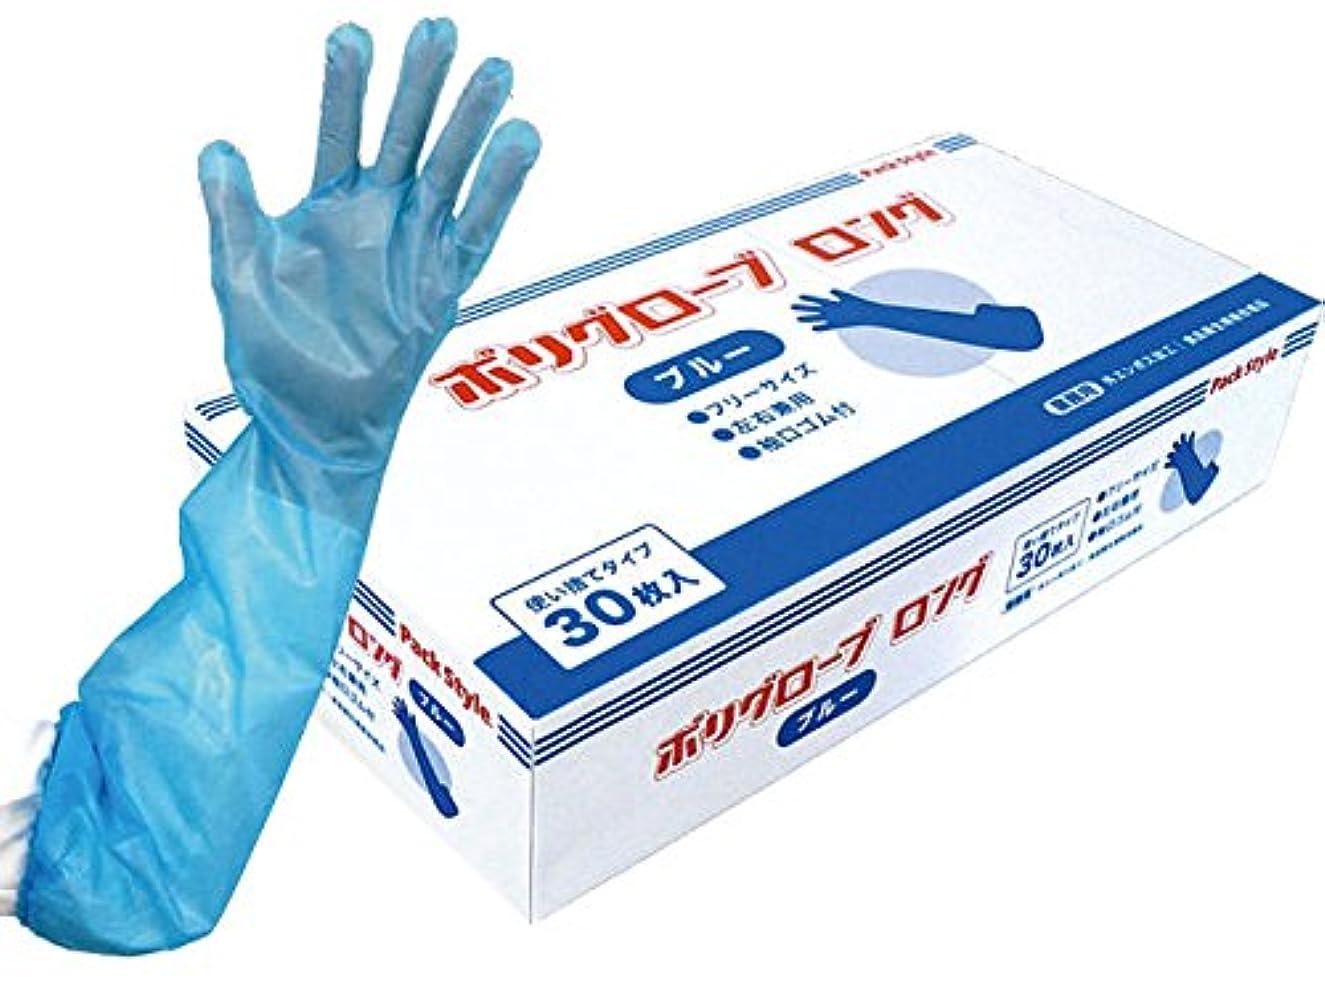 アトミック株式一部パックスタイル 使い捨て ポリ手袋 ポリグローブロング 袖口ゴム付 青 600枚 00493319